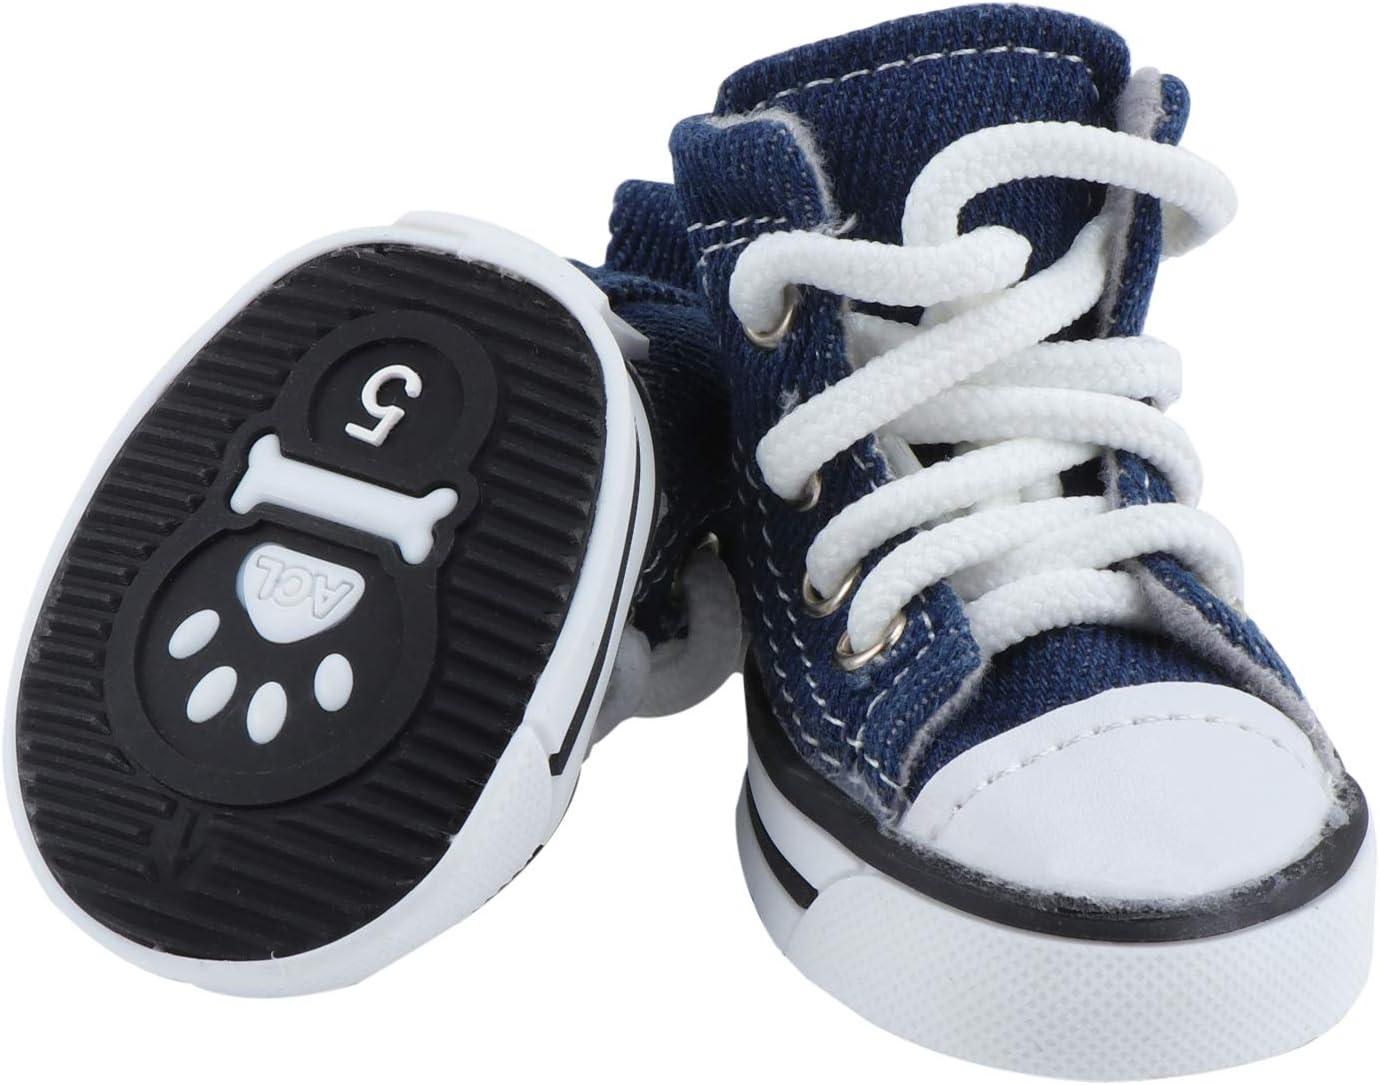 Zapatos para Perros peque/ños y medianos Suela Antideslizante Protector de Patas KEESIN Botas para Perro